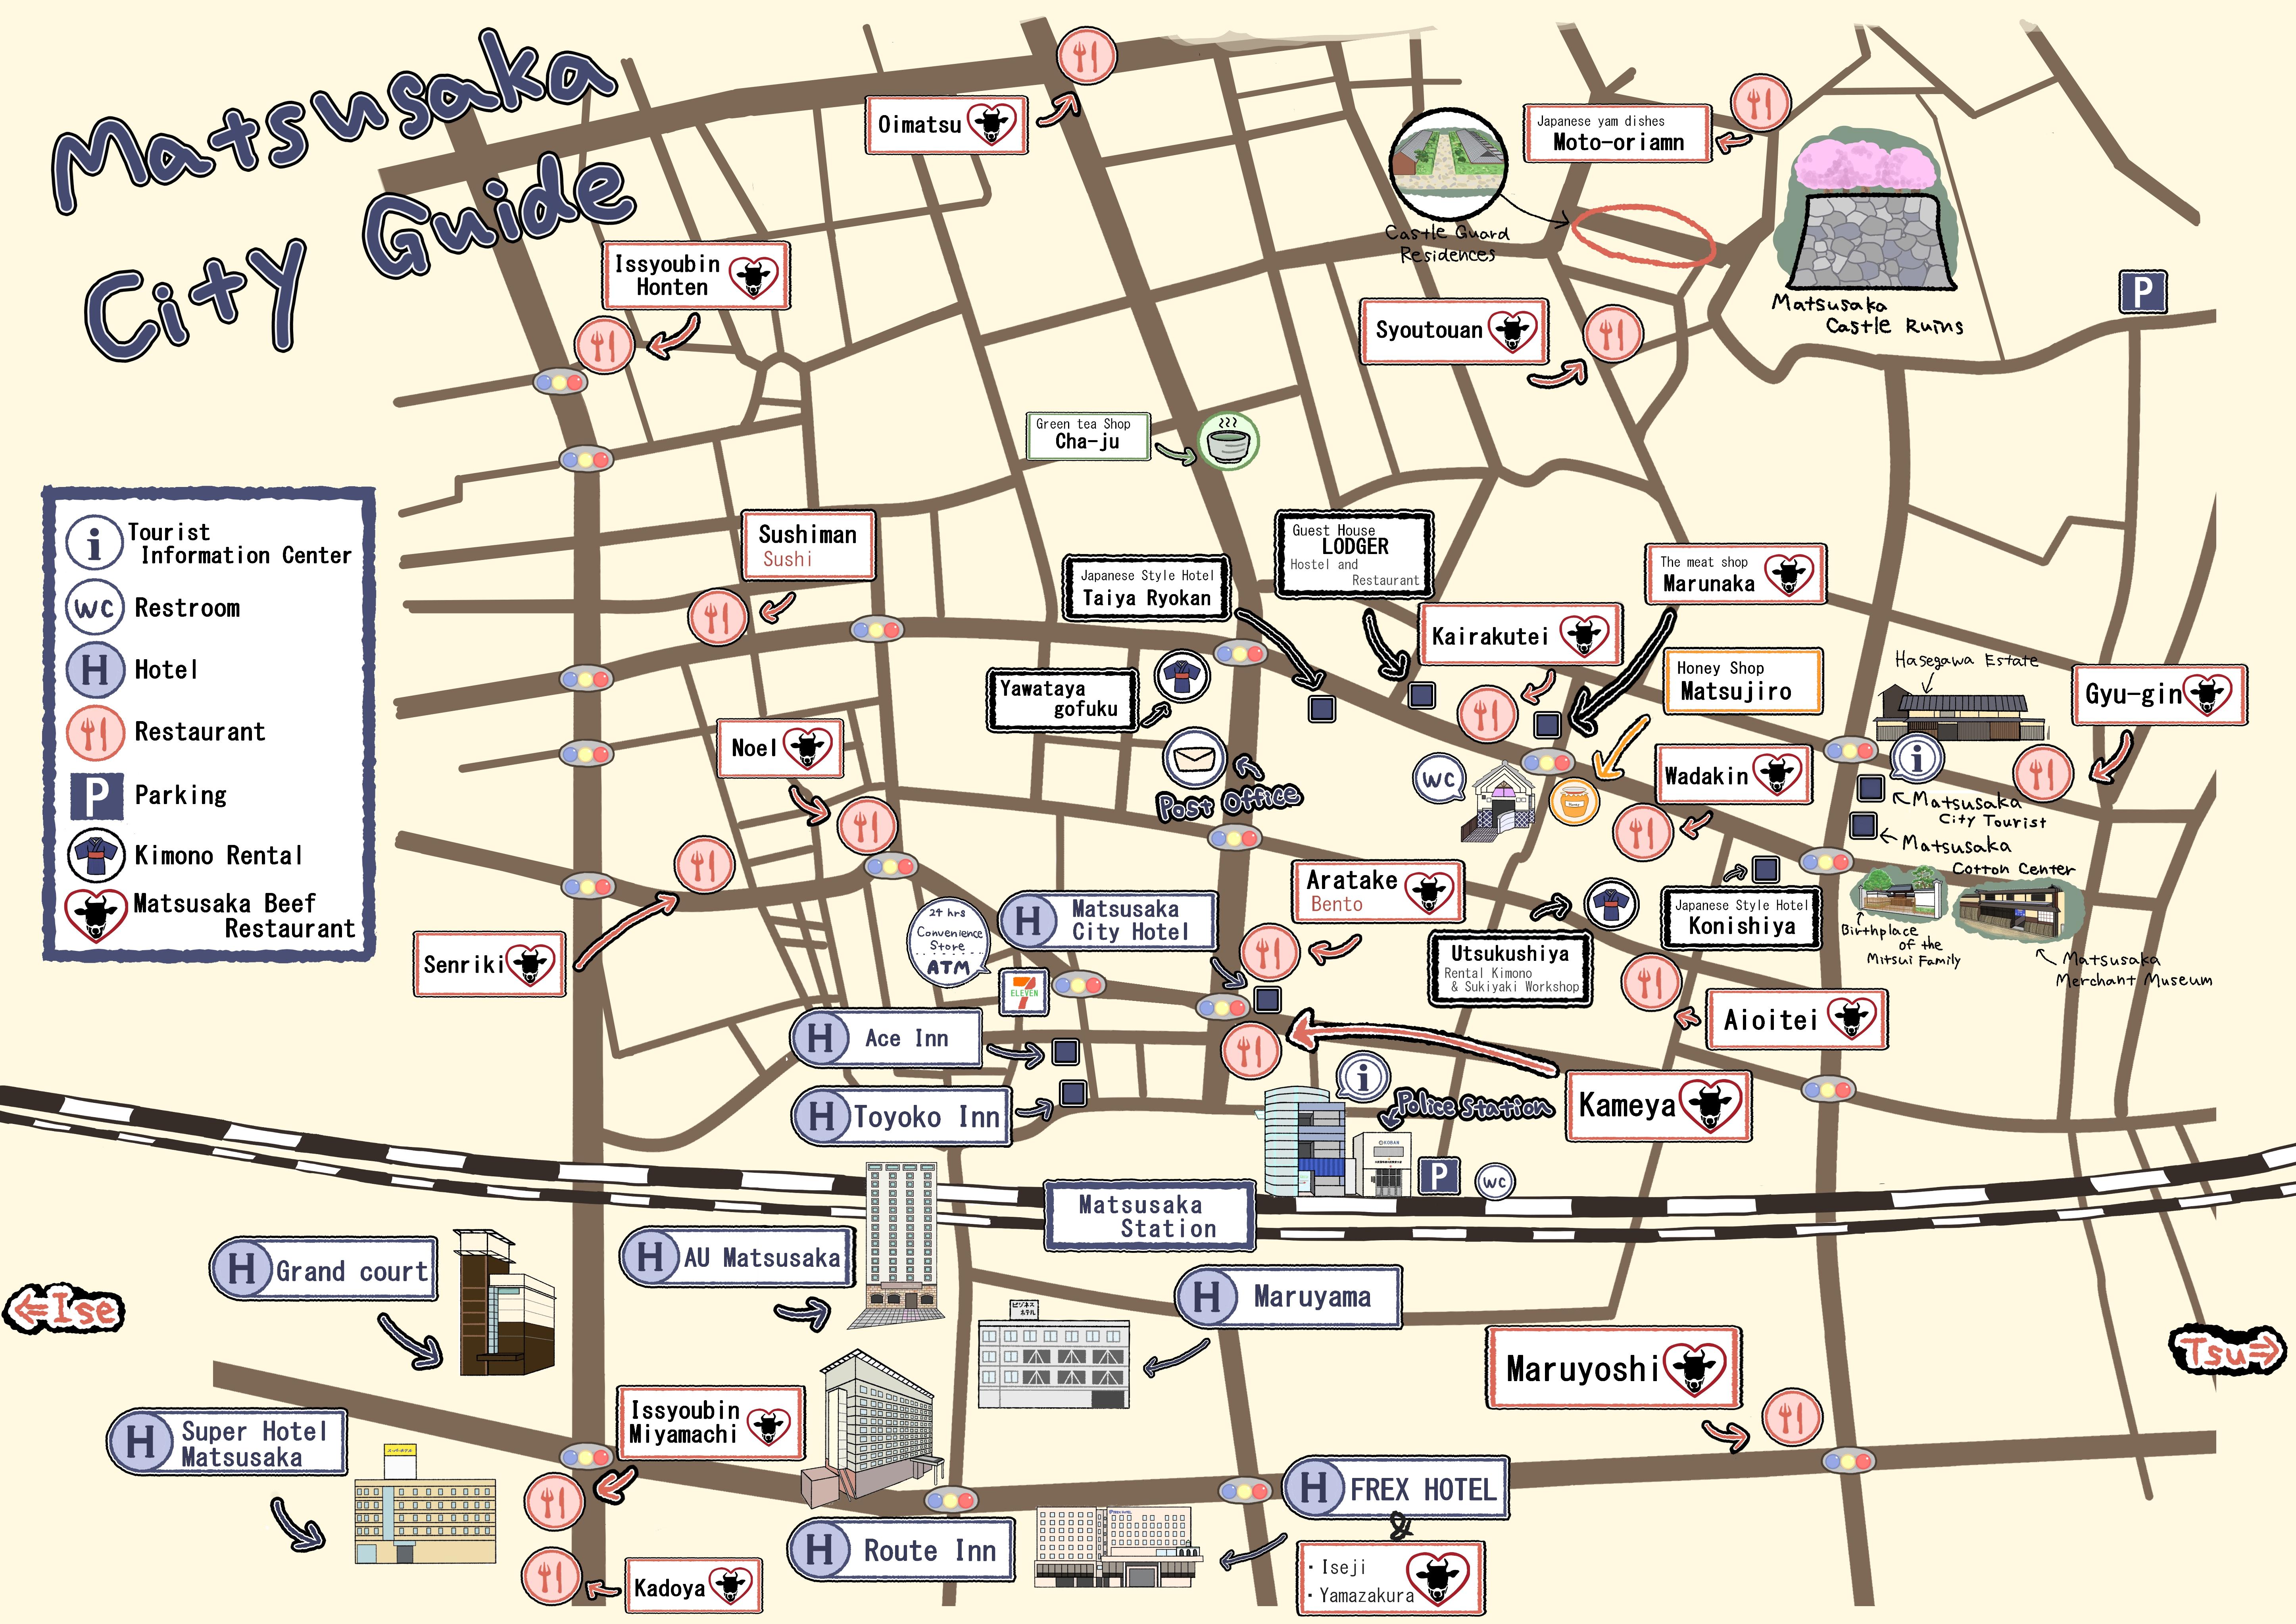 松阪市ガイド